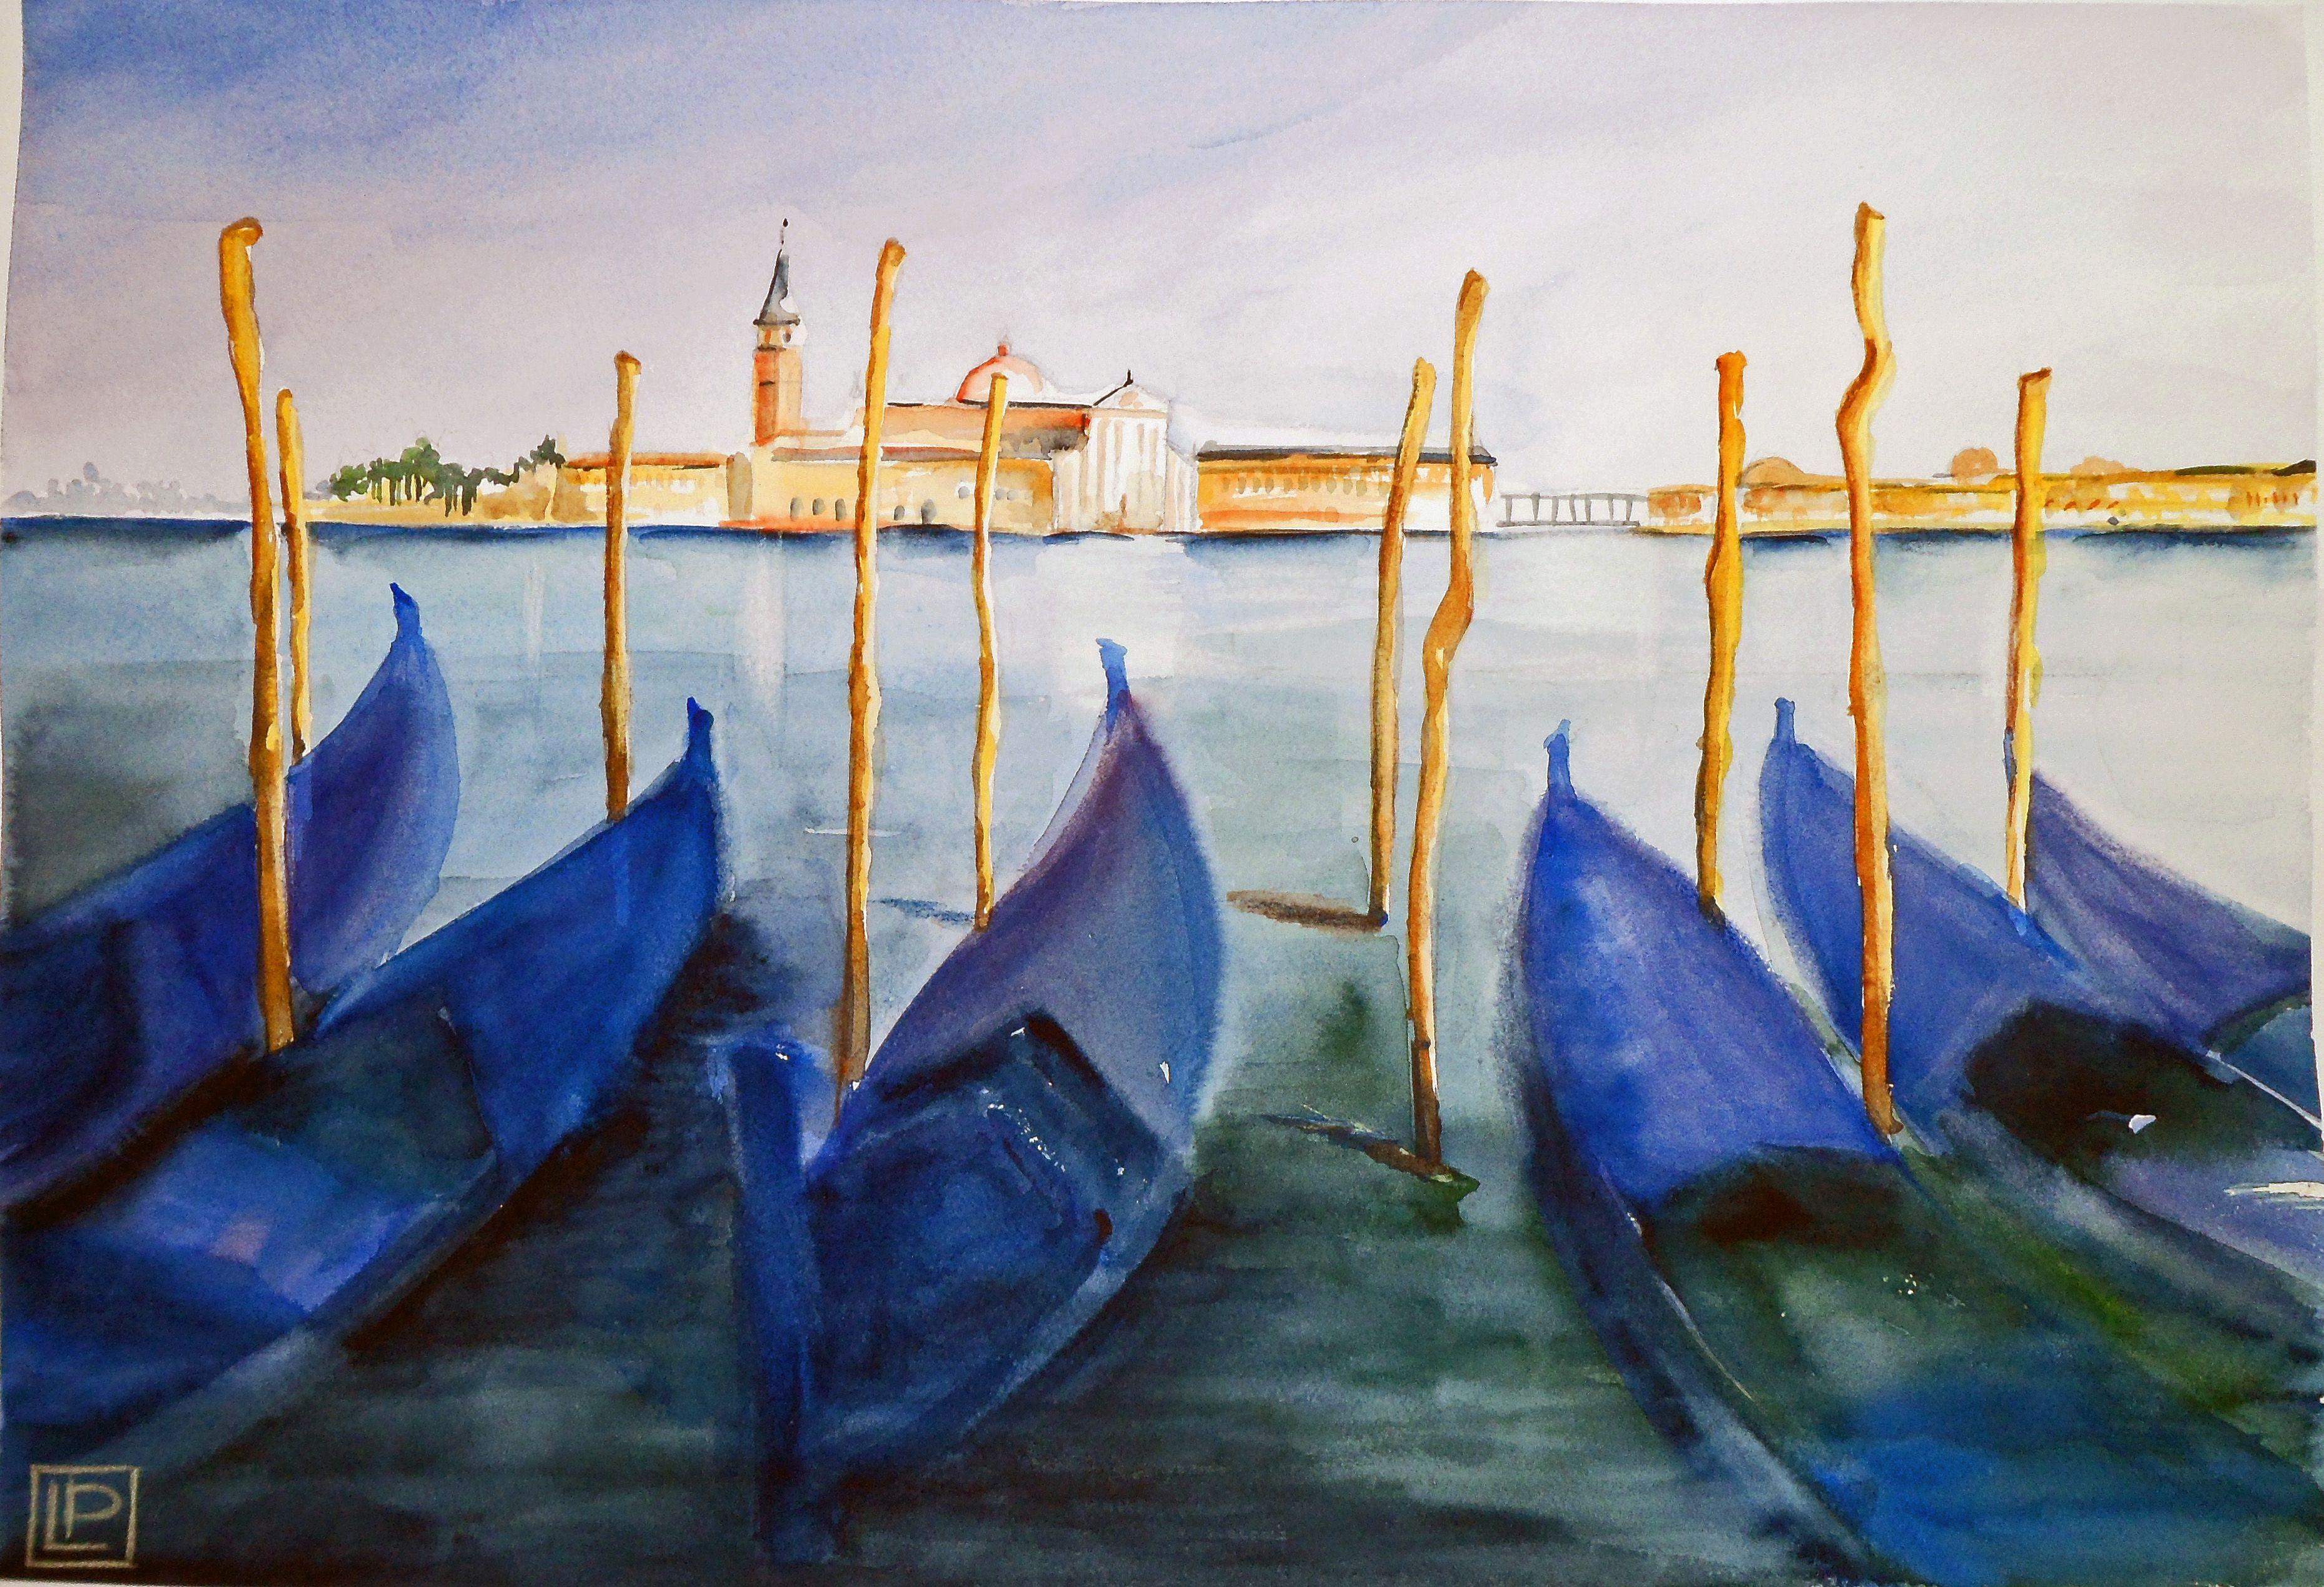 """""""gondole in ombra"""" acquerello di Lorenza Pasquali 35x51 cotone """""""